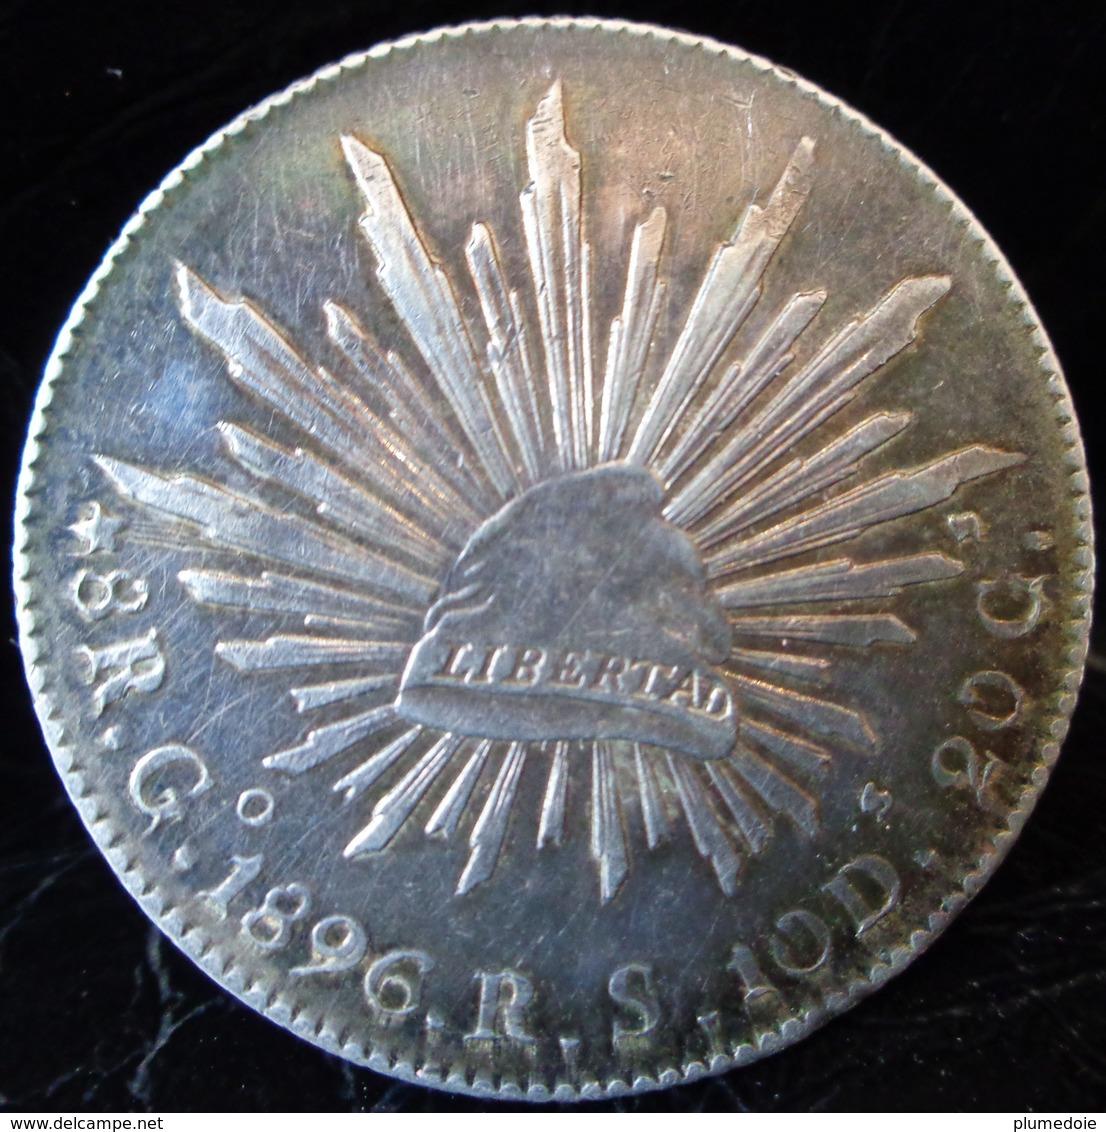 MEXIQUE MONNAIE ARGENT  8 Reales Go 1896 R.S. Guanajuato RARE ANTIQUE MEXICO SILVER COIN - Mexique